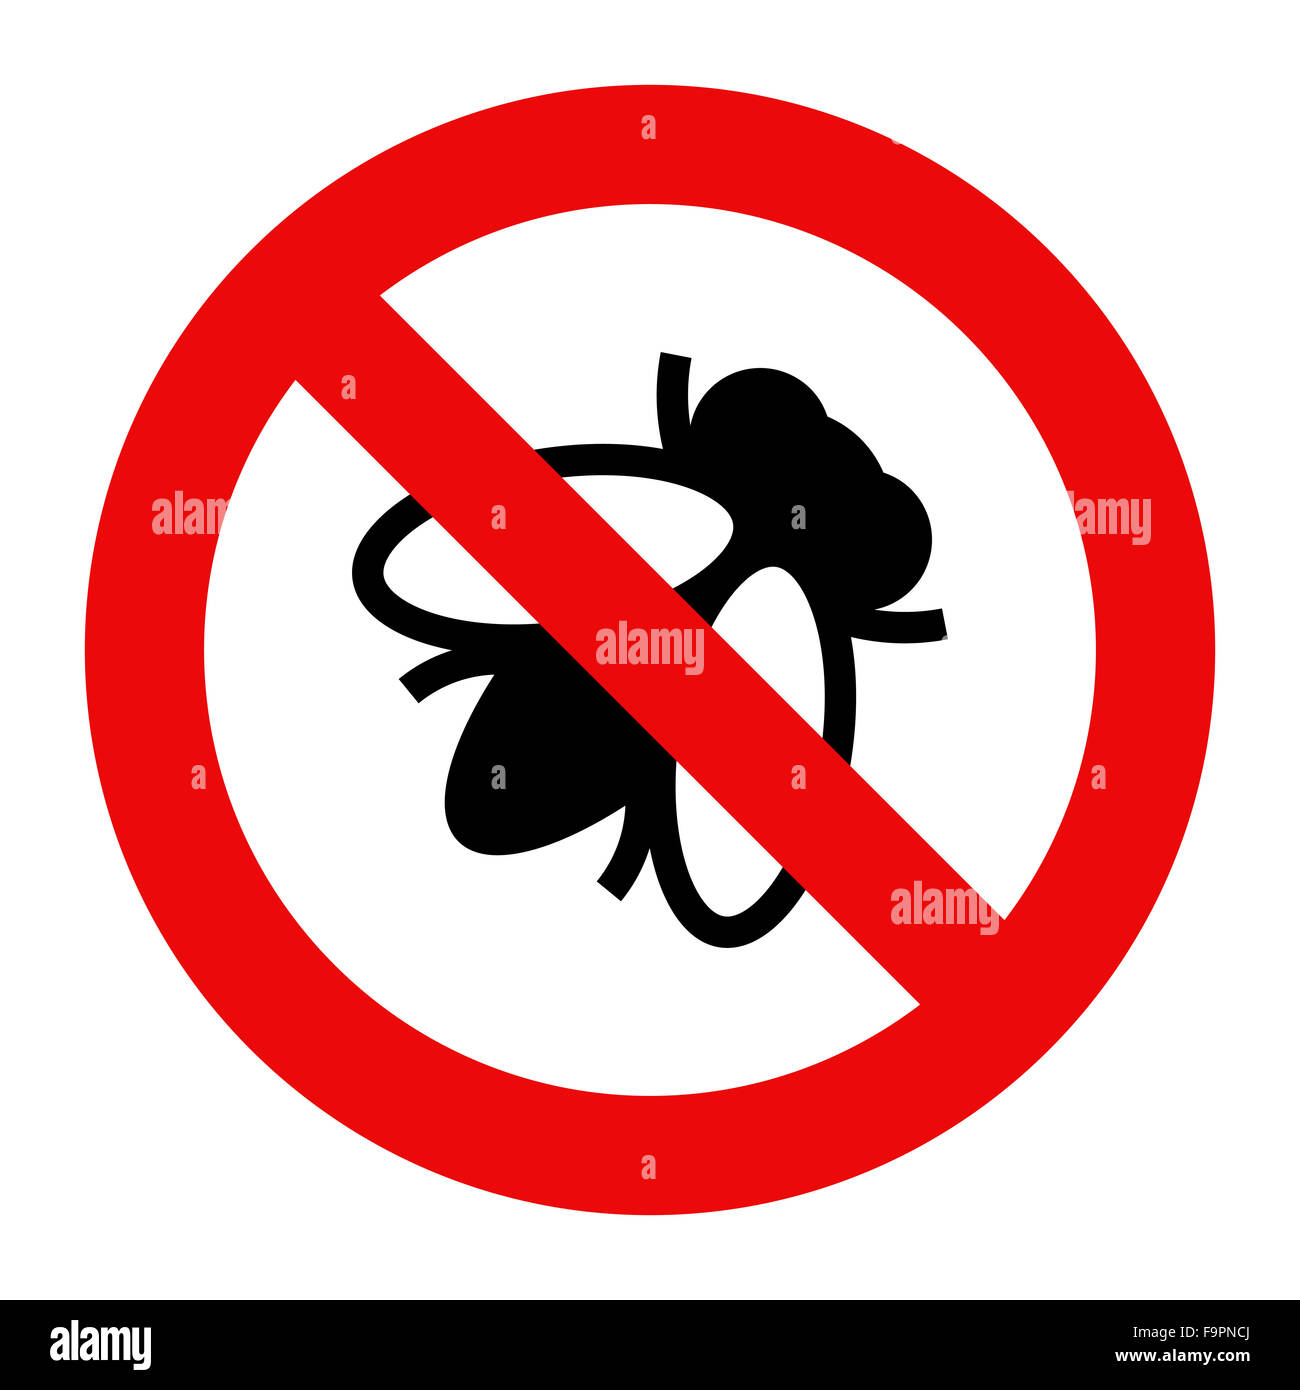 Fliegen Sie, Warnzeichen isoliert auf weißem Hintergrund Stockbild